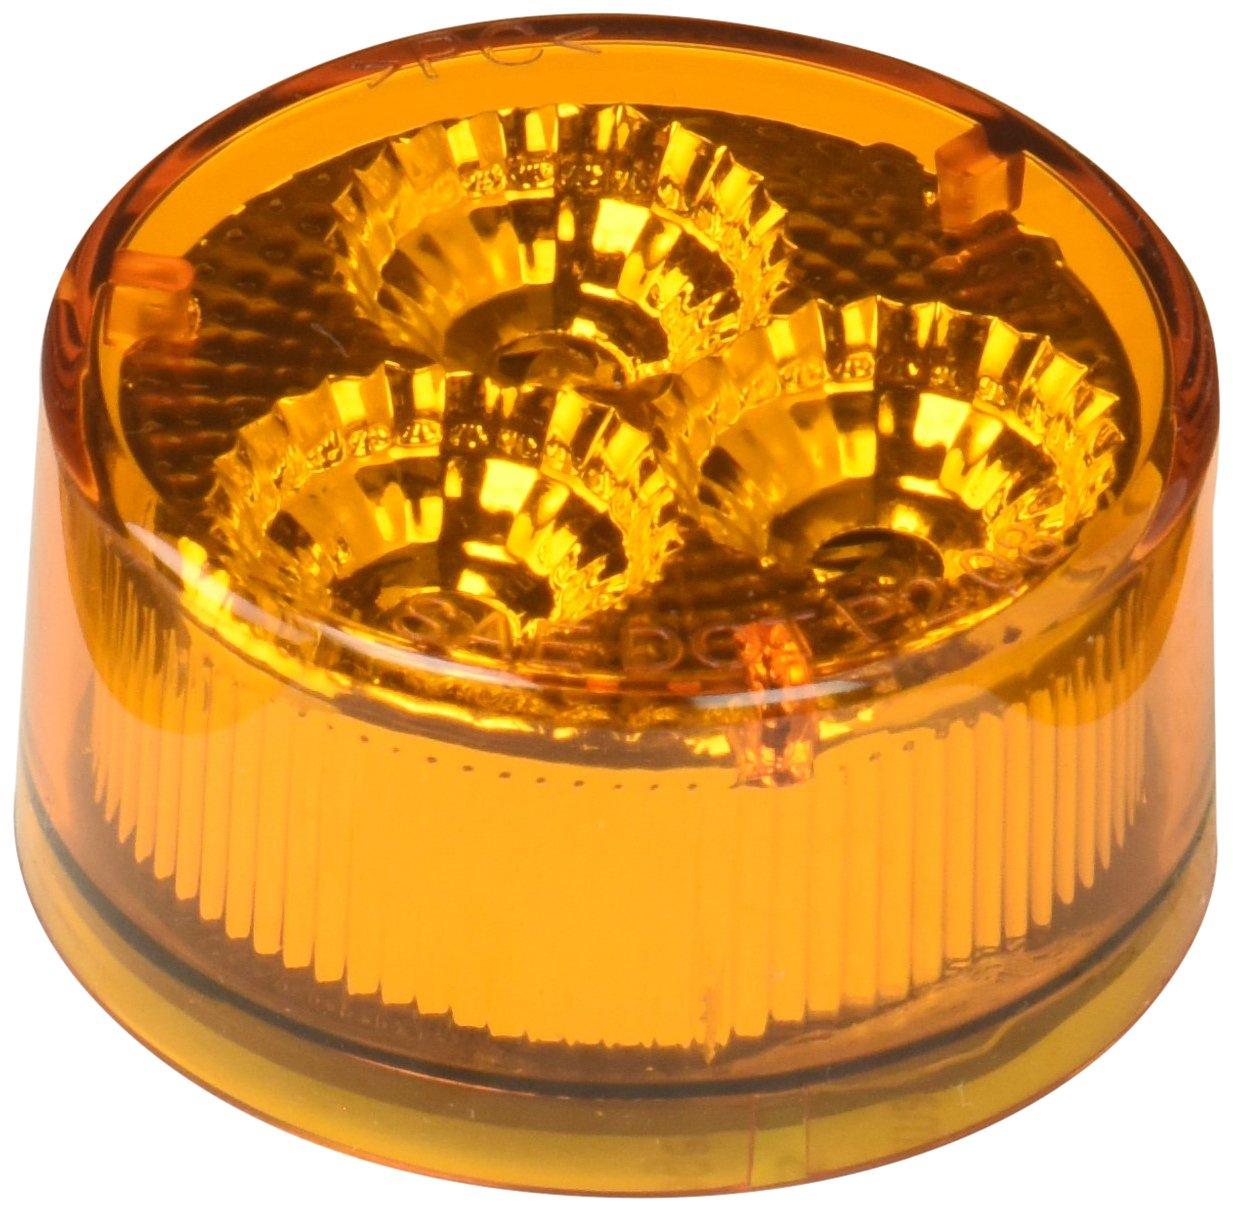 【初売り】 Roadpro Roadpro RP1030ADLラウンド2ダイヤモンドレンズはMKR中尉のAmbを封印されました B001JSYF8U, ダザイフシ:544776f1 --- outdev.net